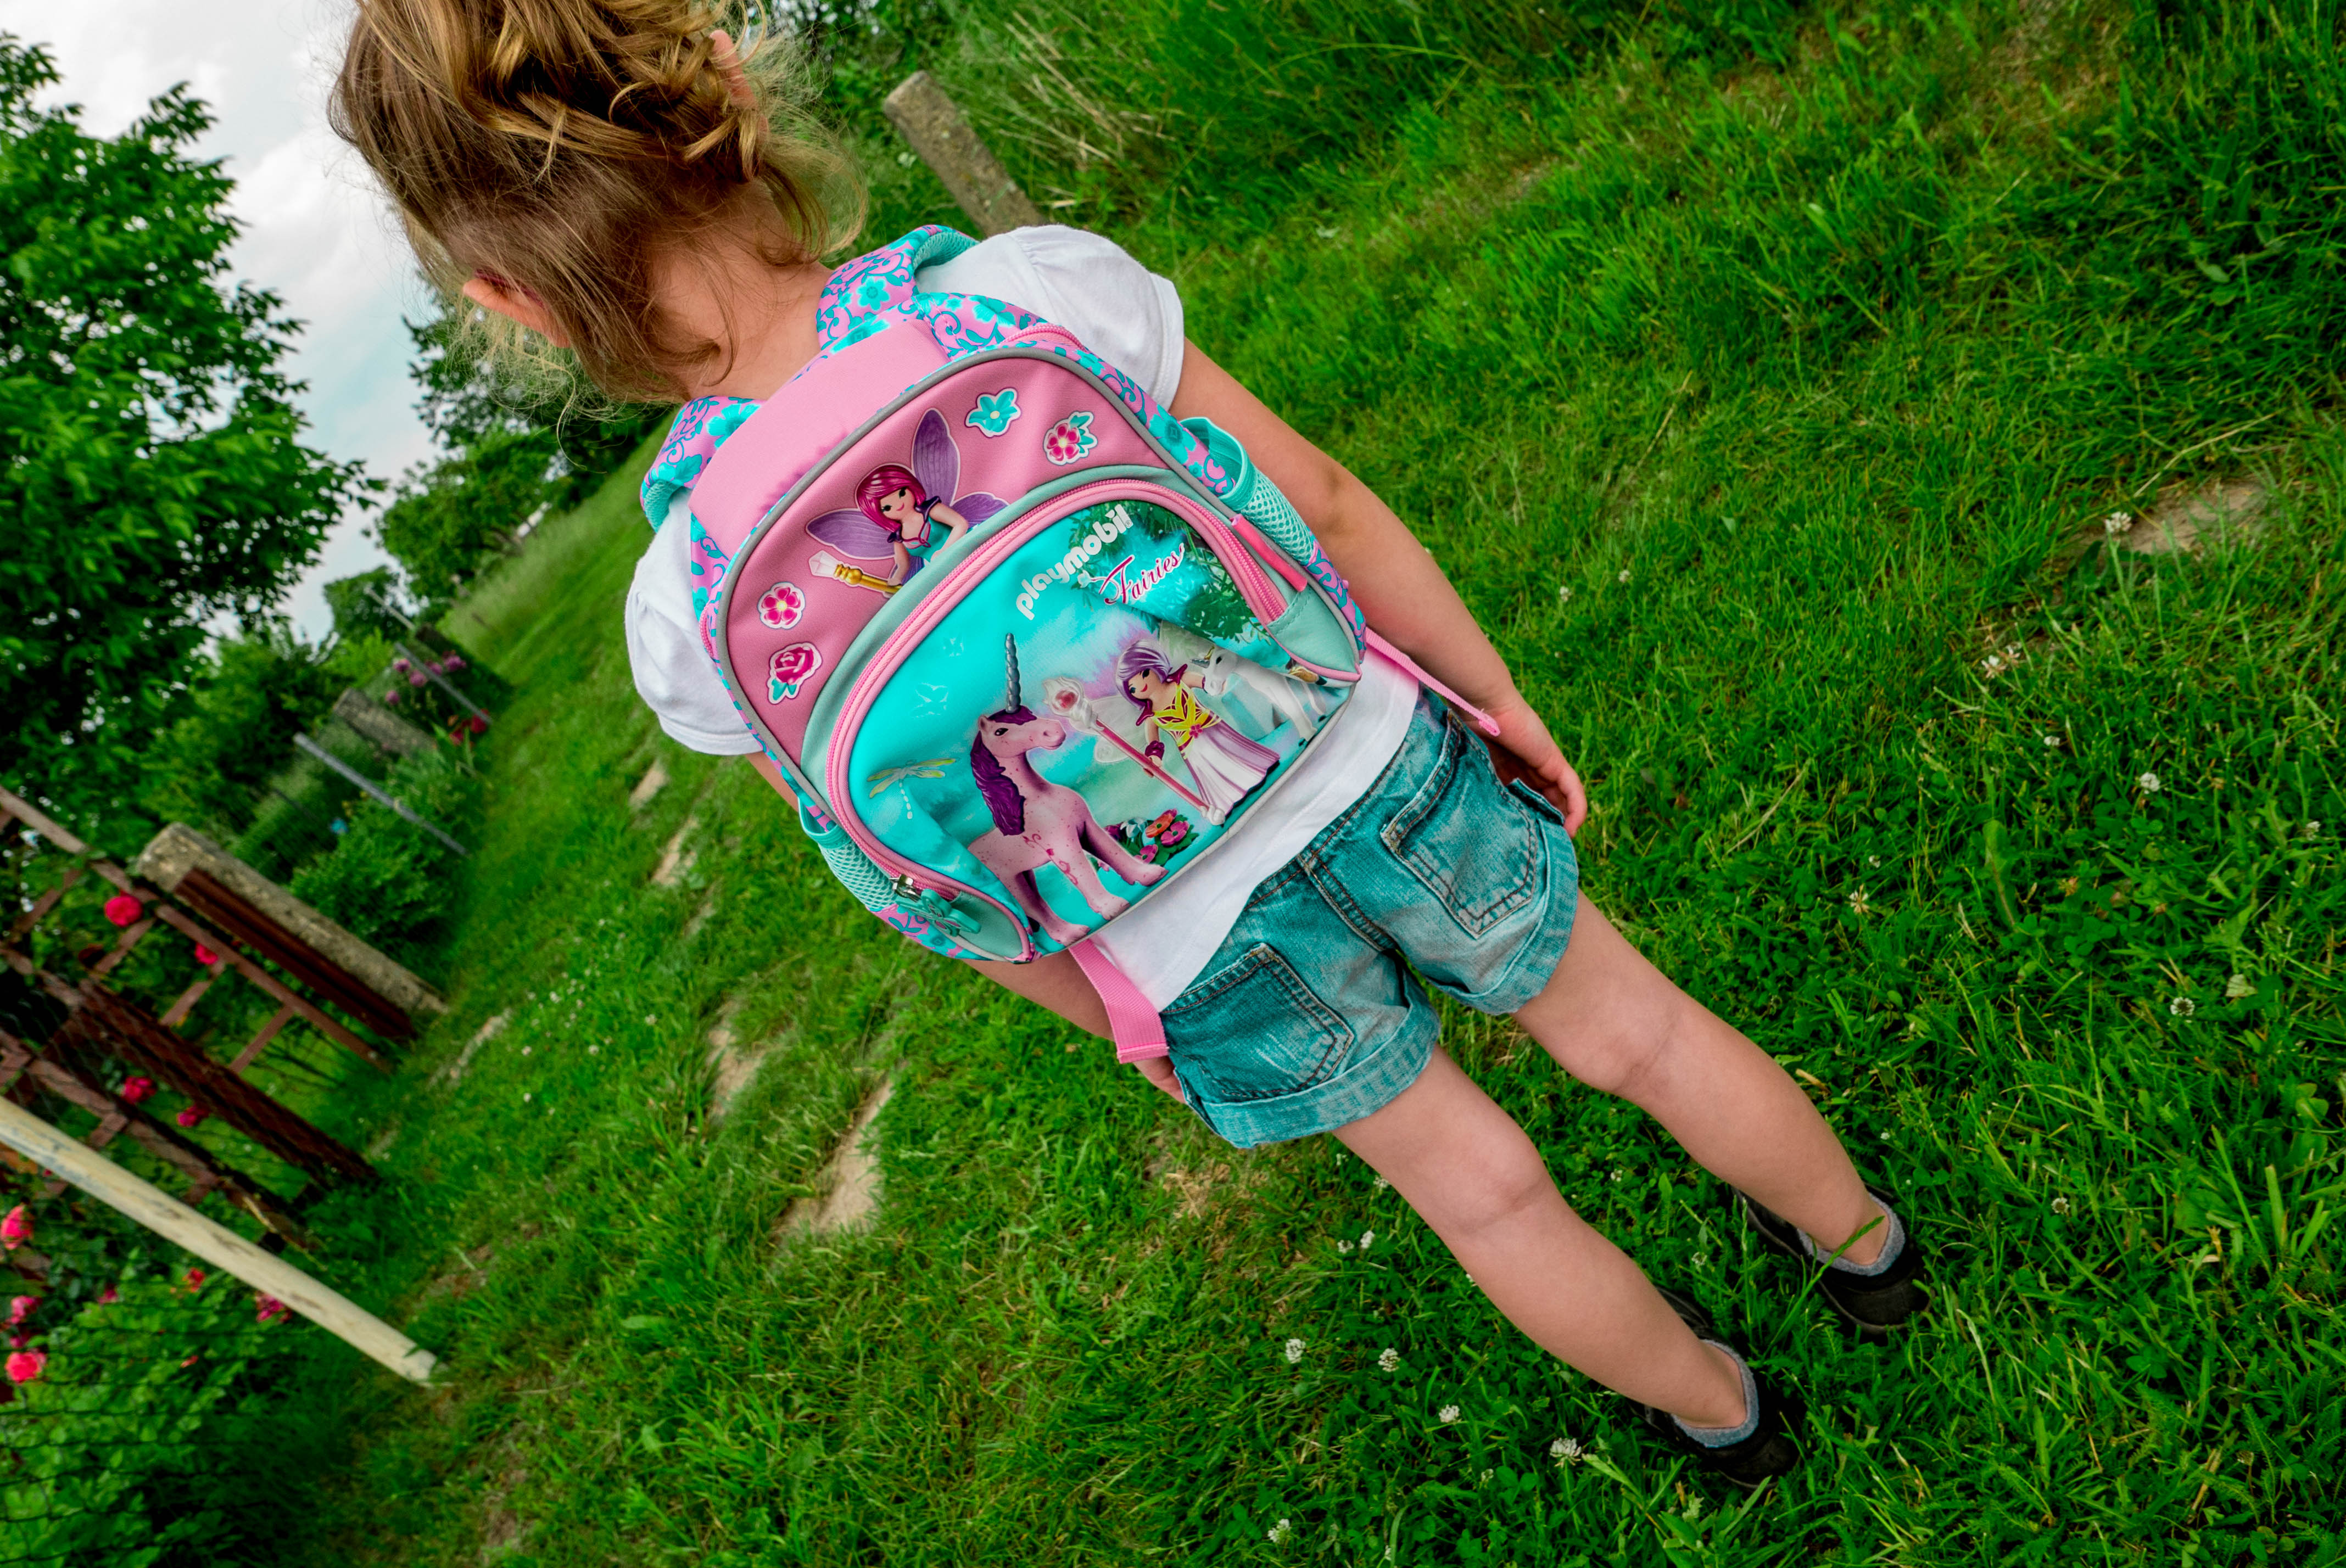 jaki plecak wybrać do przedszkola